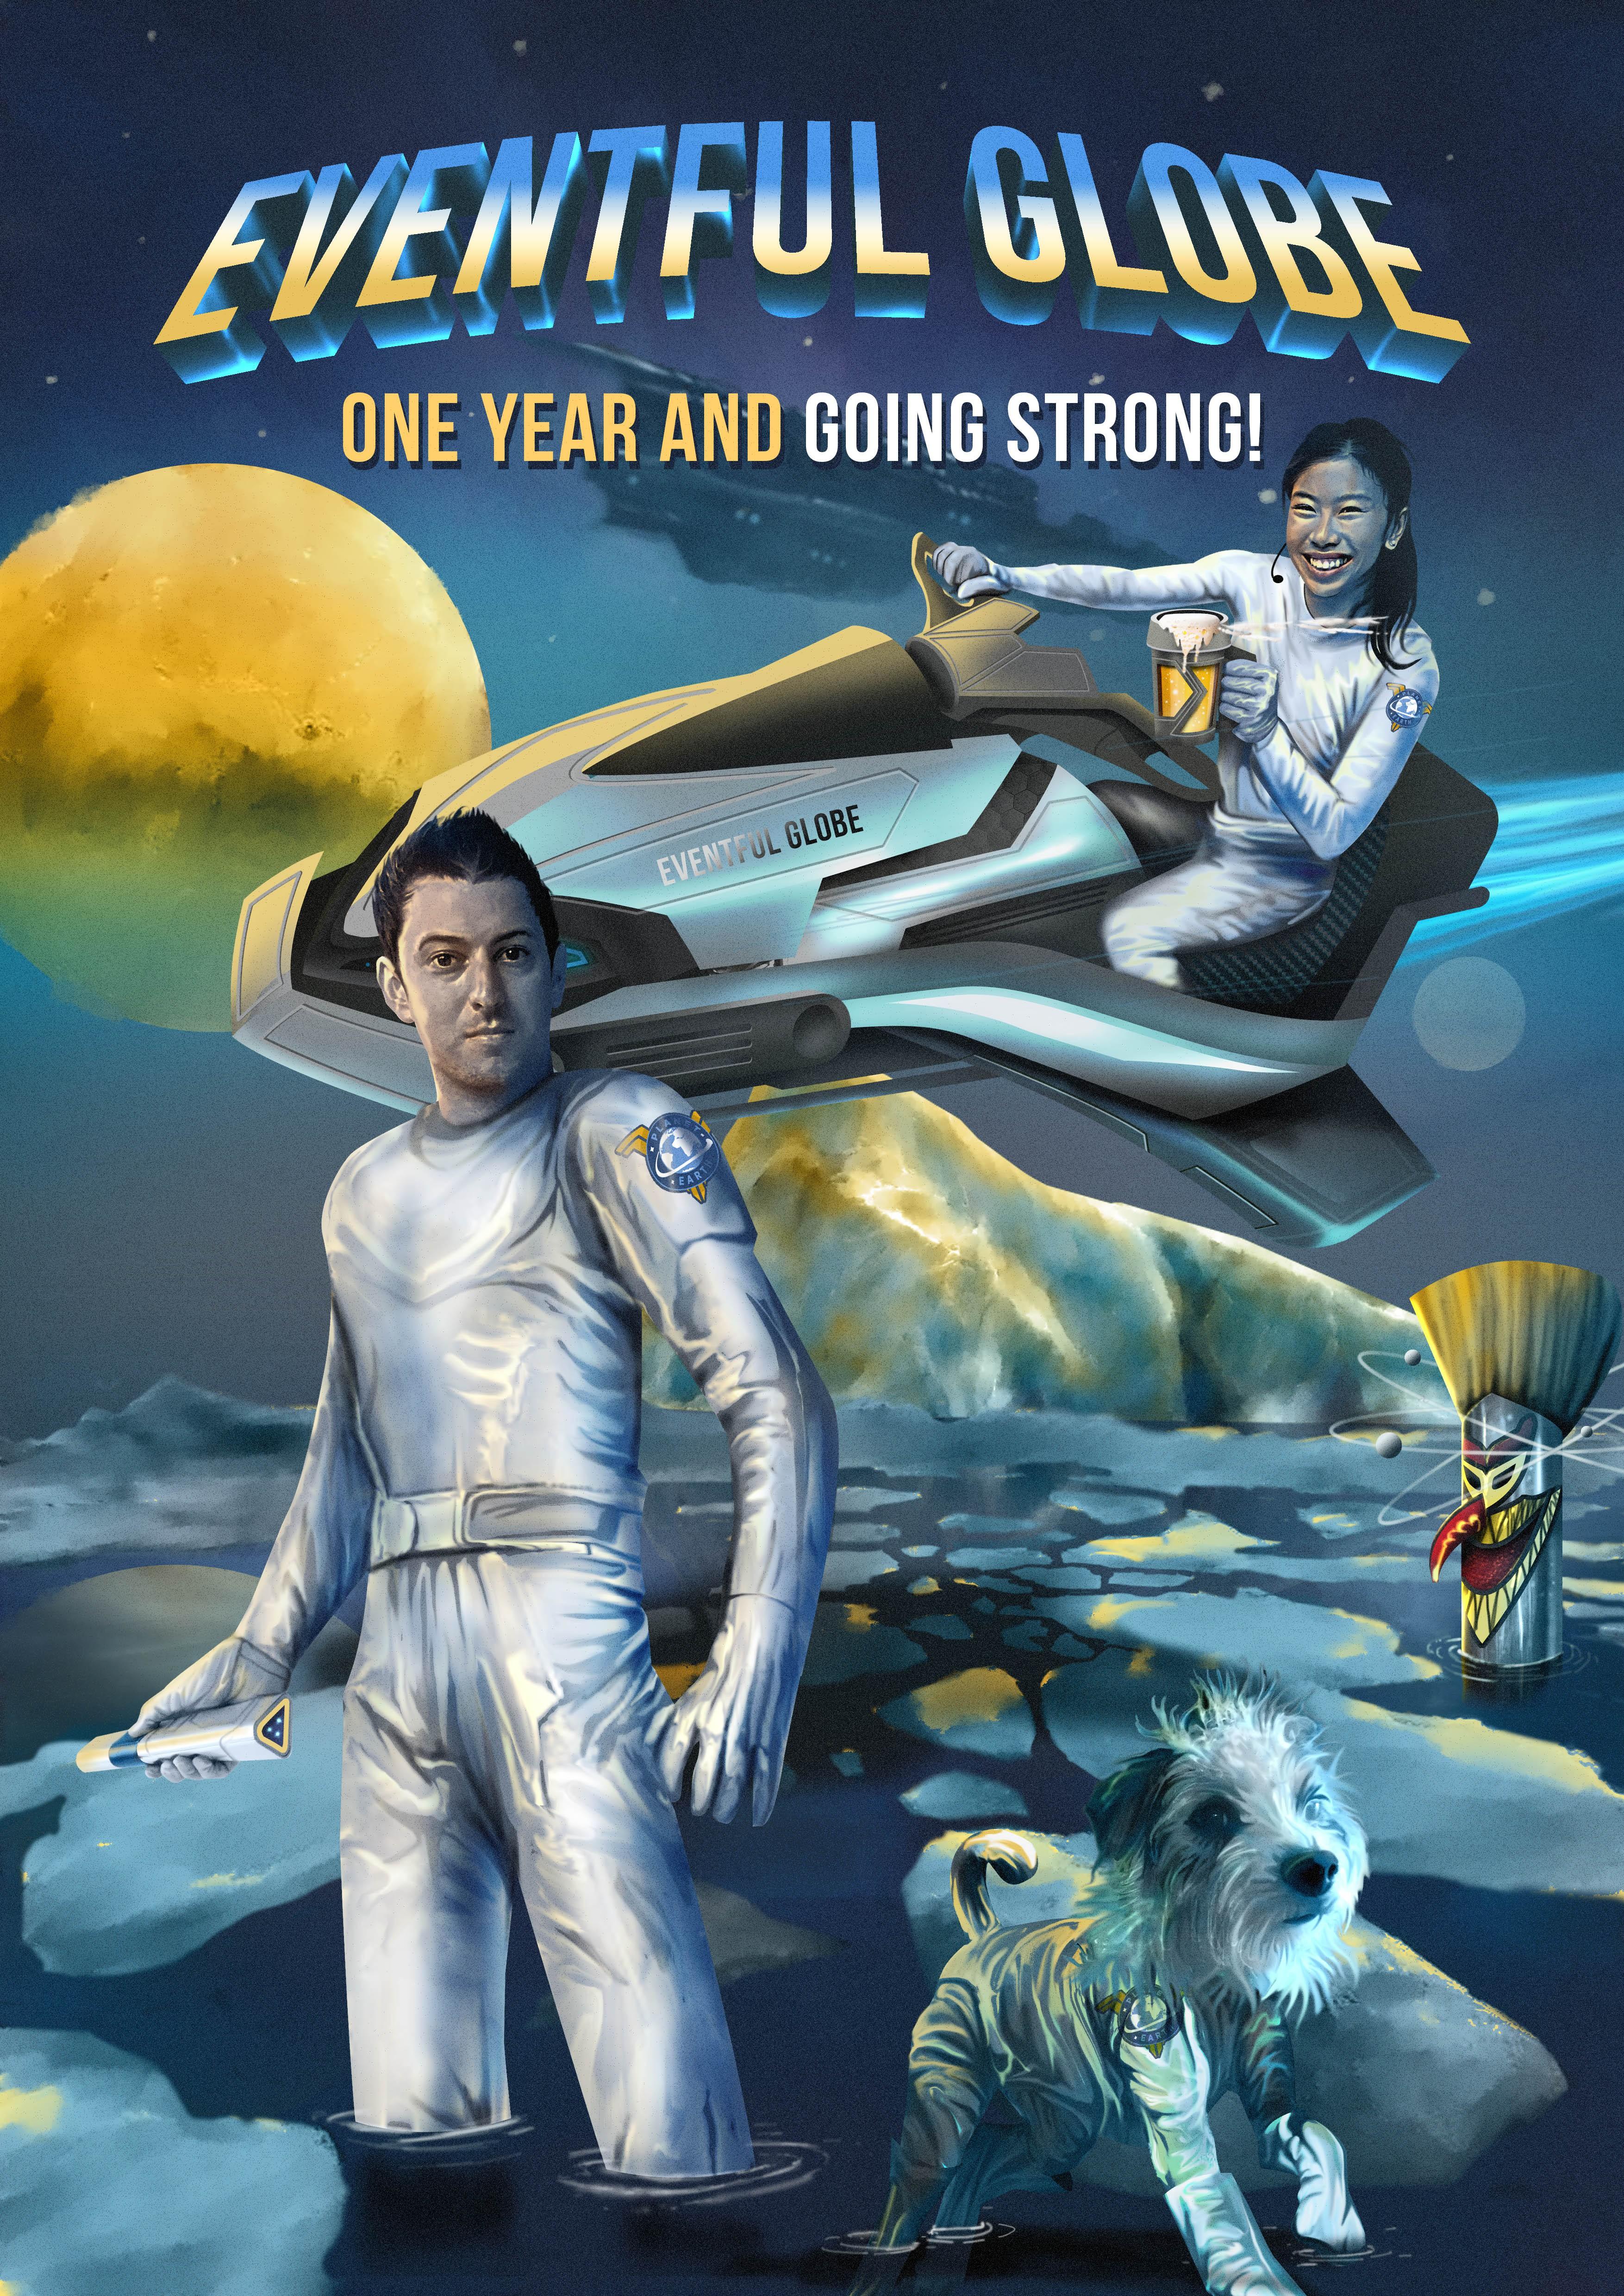 Retro-style Sci-fi Poster